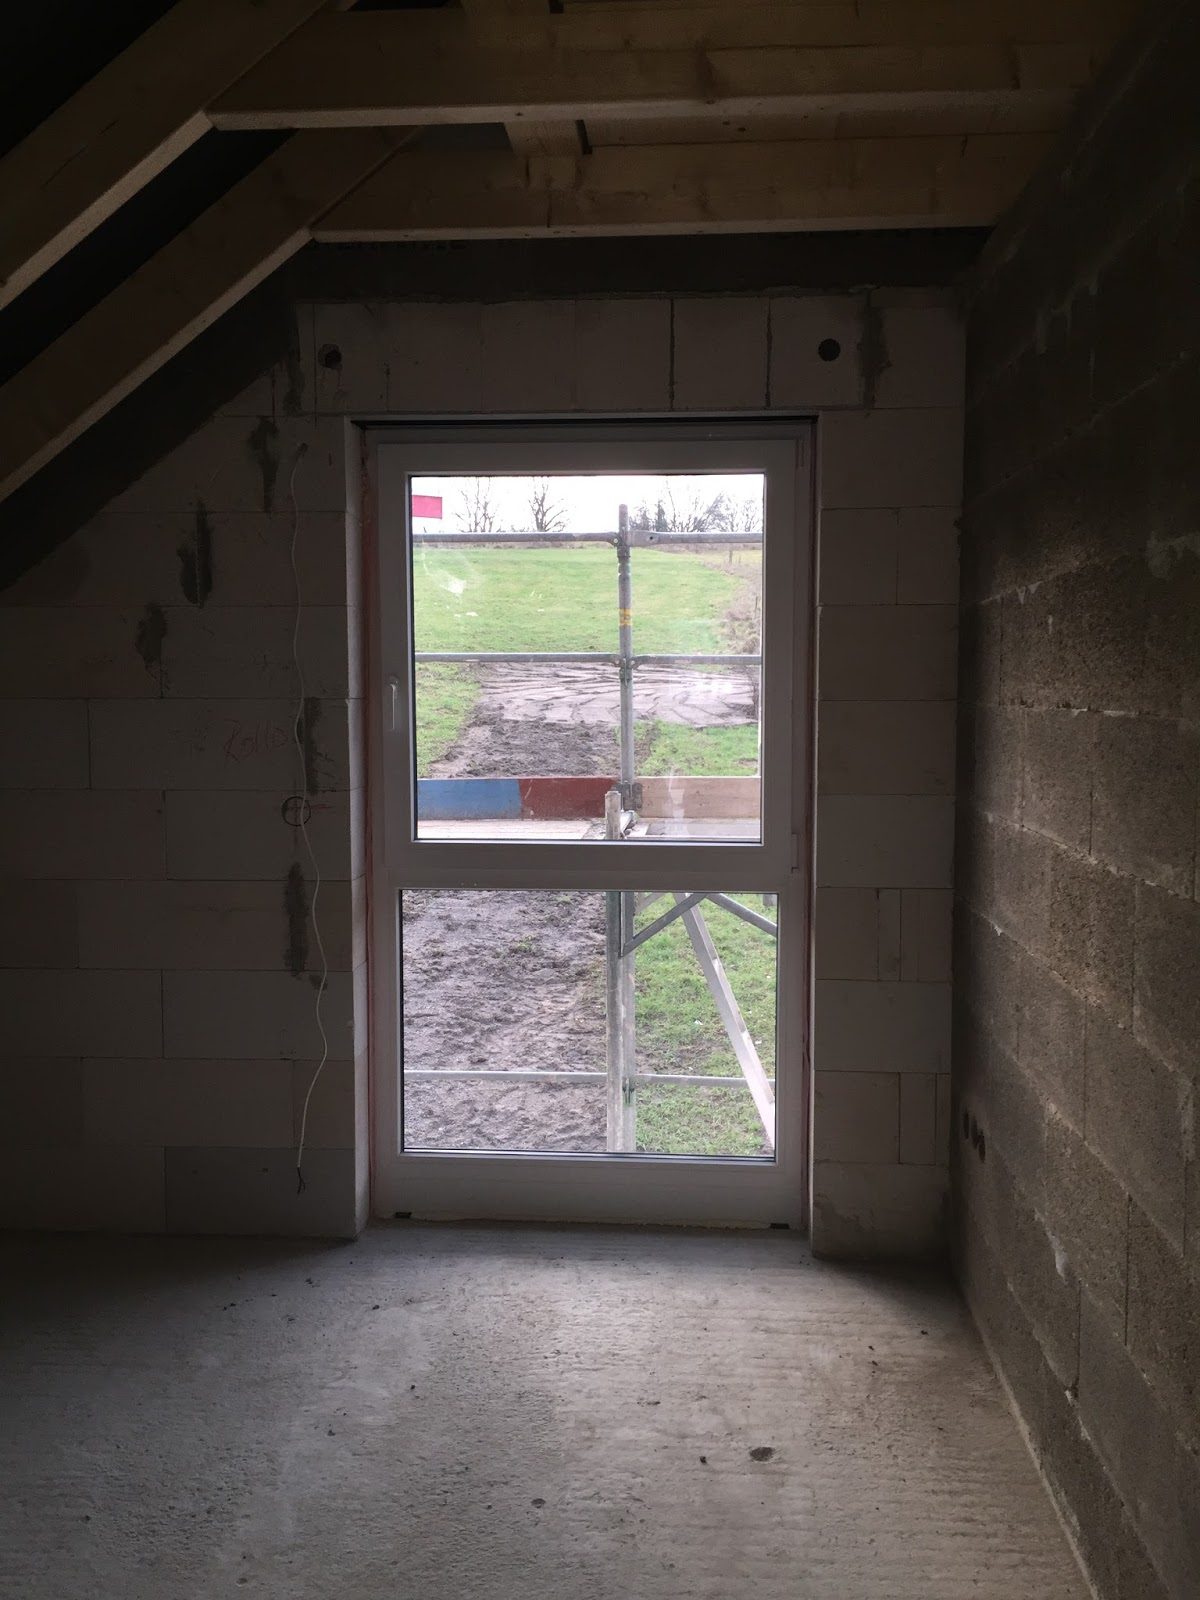 Fenster außenansicht haus  Katha & Julia bauen ein Haus :): Fenster - DG -